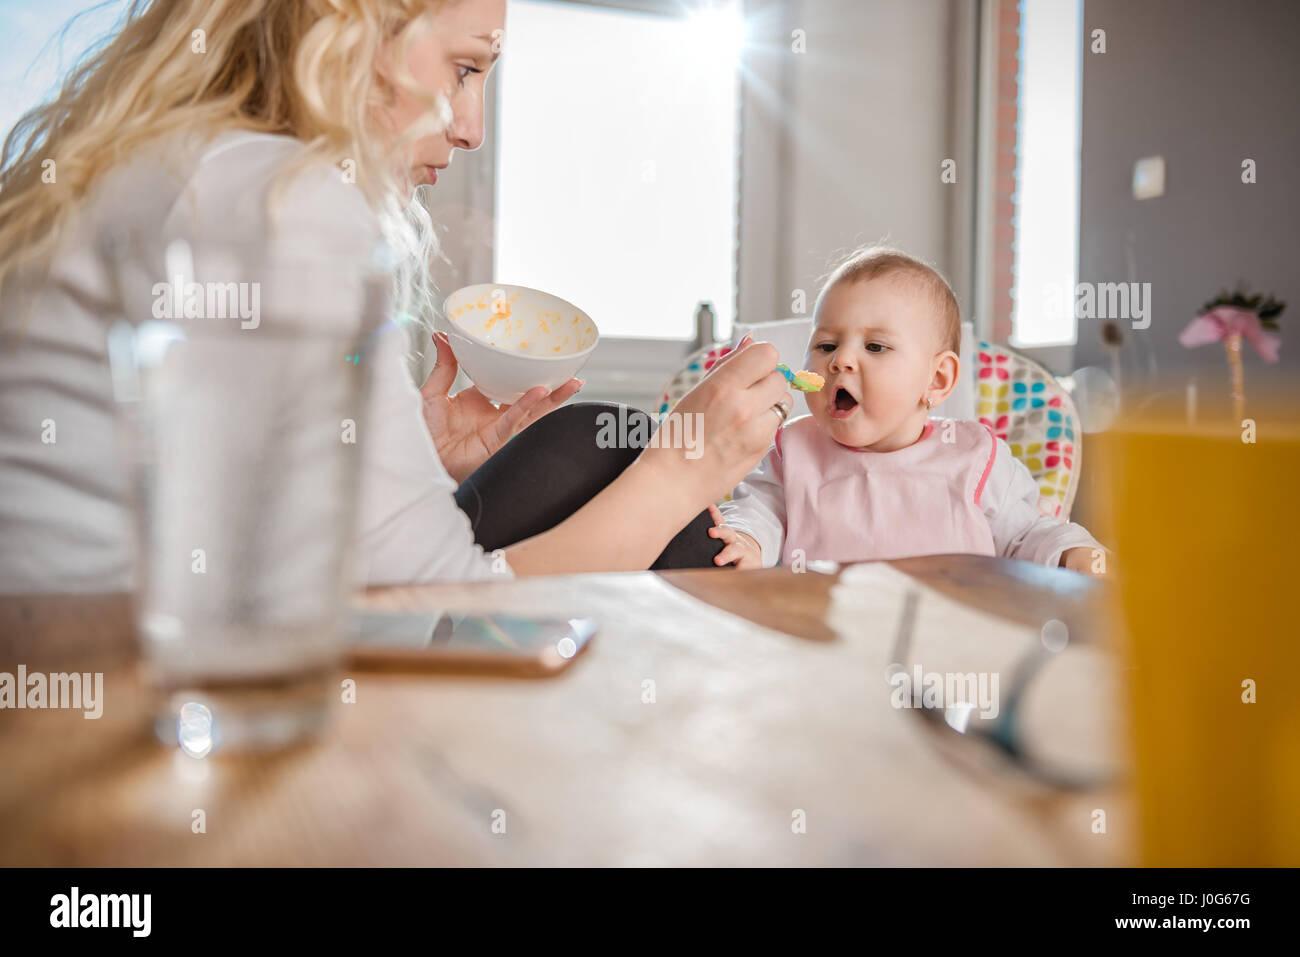 Madre alimentando a bebé en el hogar Imagen De Stock